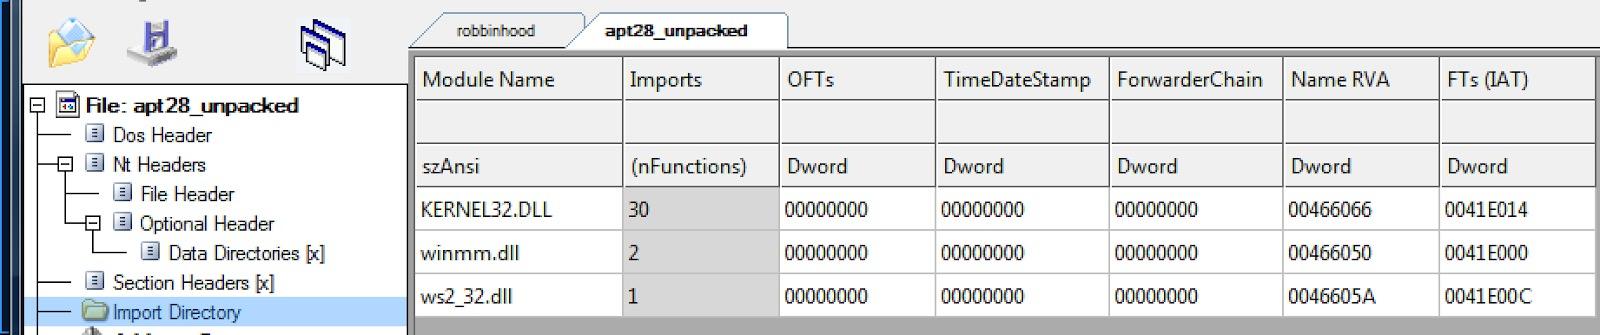 image of imports